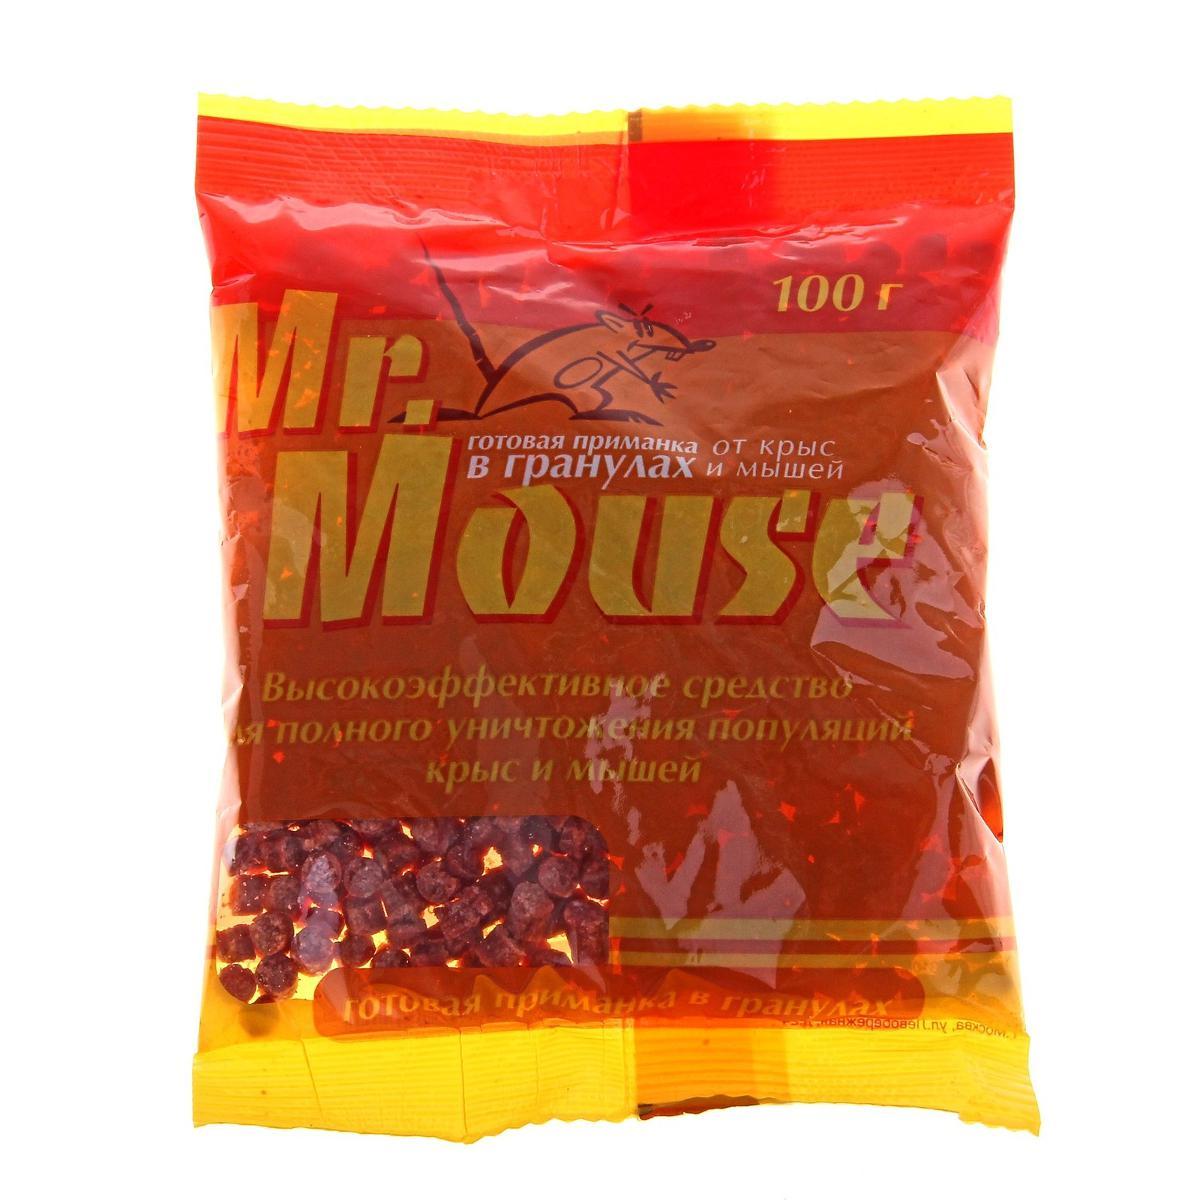 Гранулы Mr. mouse СЗ.040003